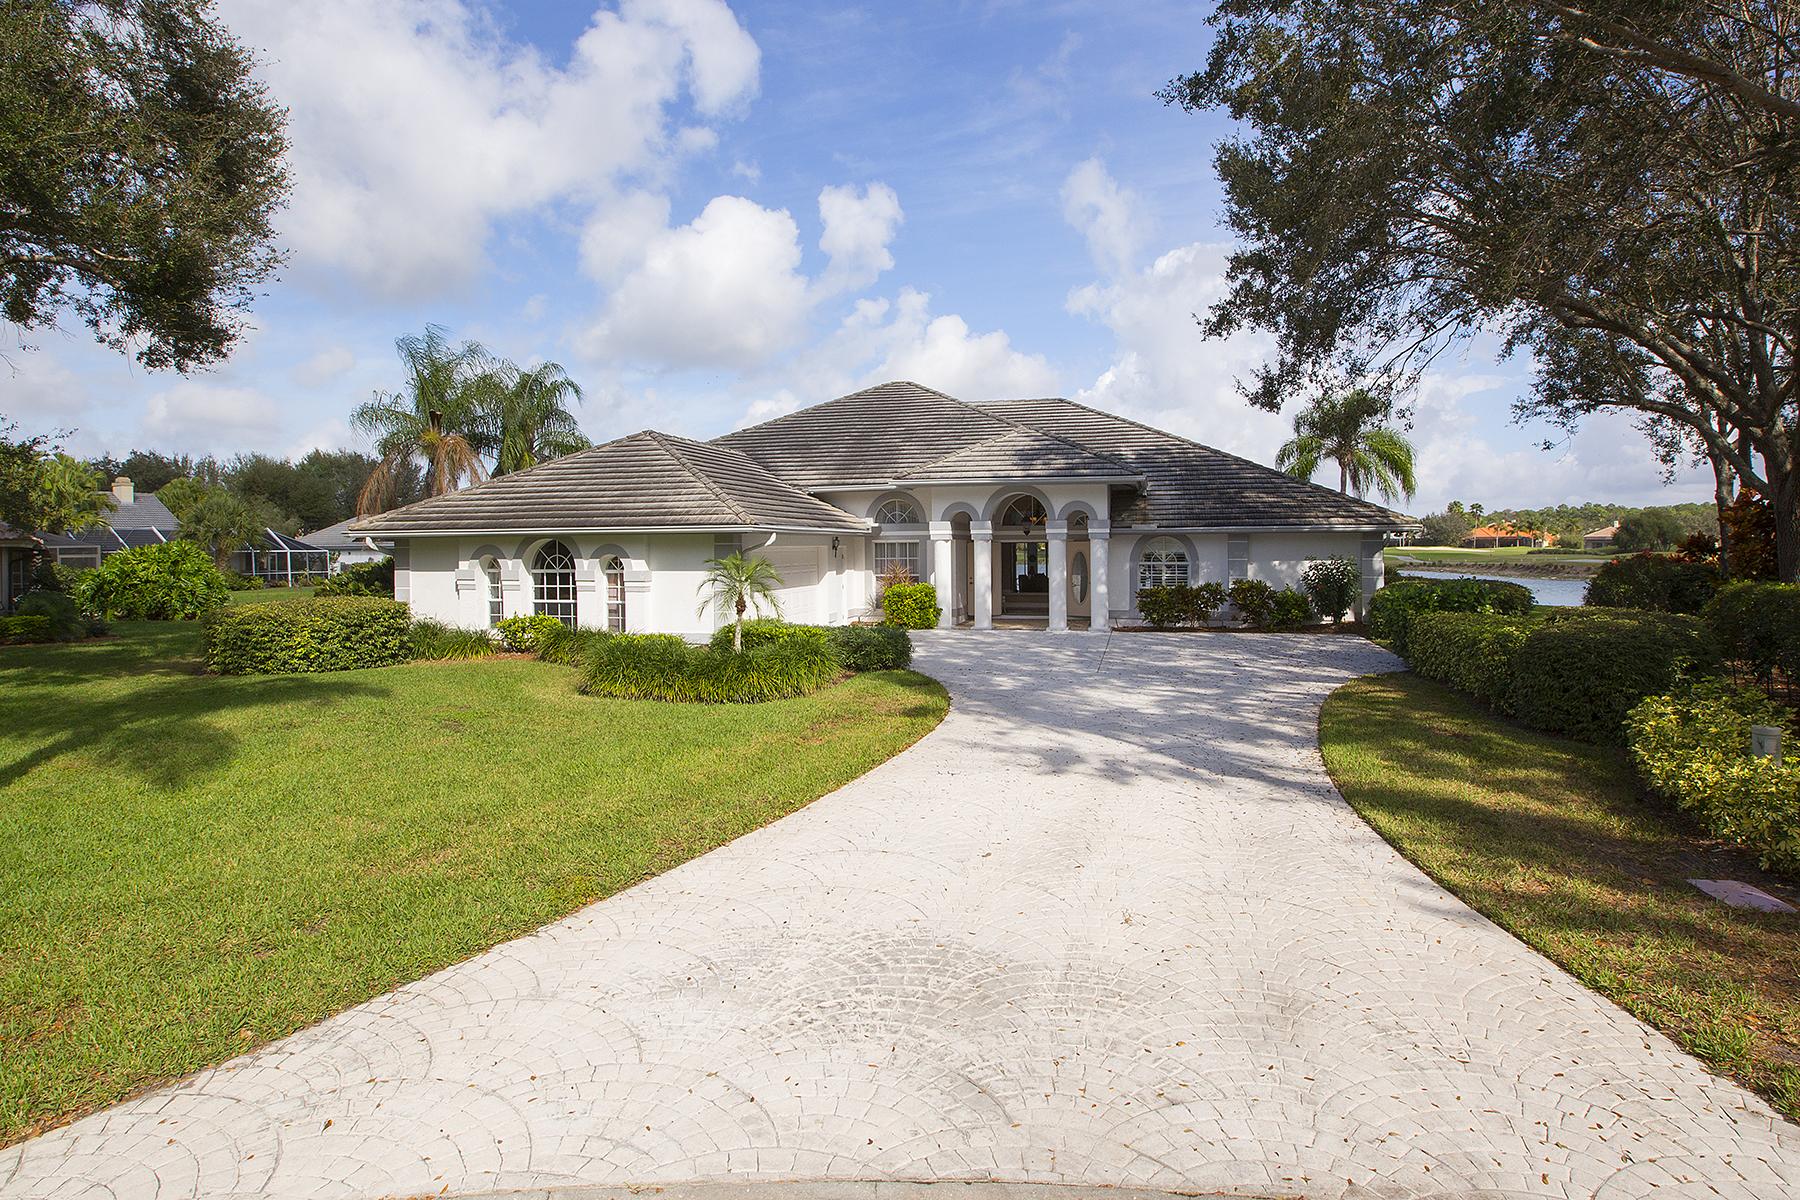 独户住宅 为 销售 在 VINEYARDS - VALLEY OAK 5811 Cinzano Ct 那不勒斯, 佛罗里达州, 34119 美国